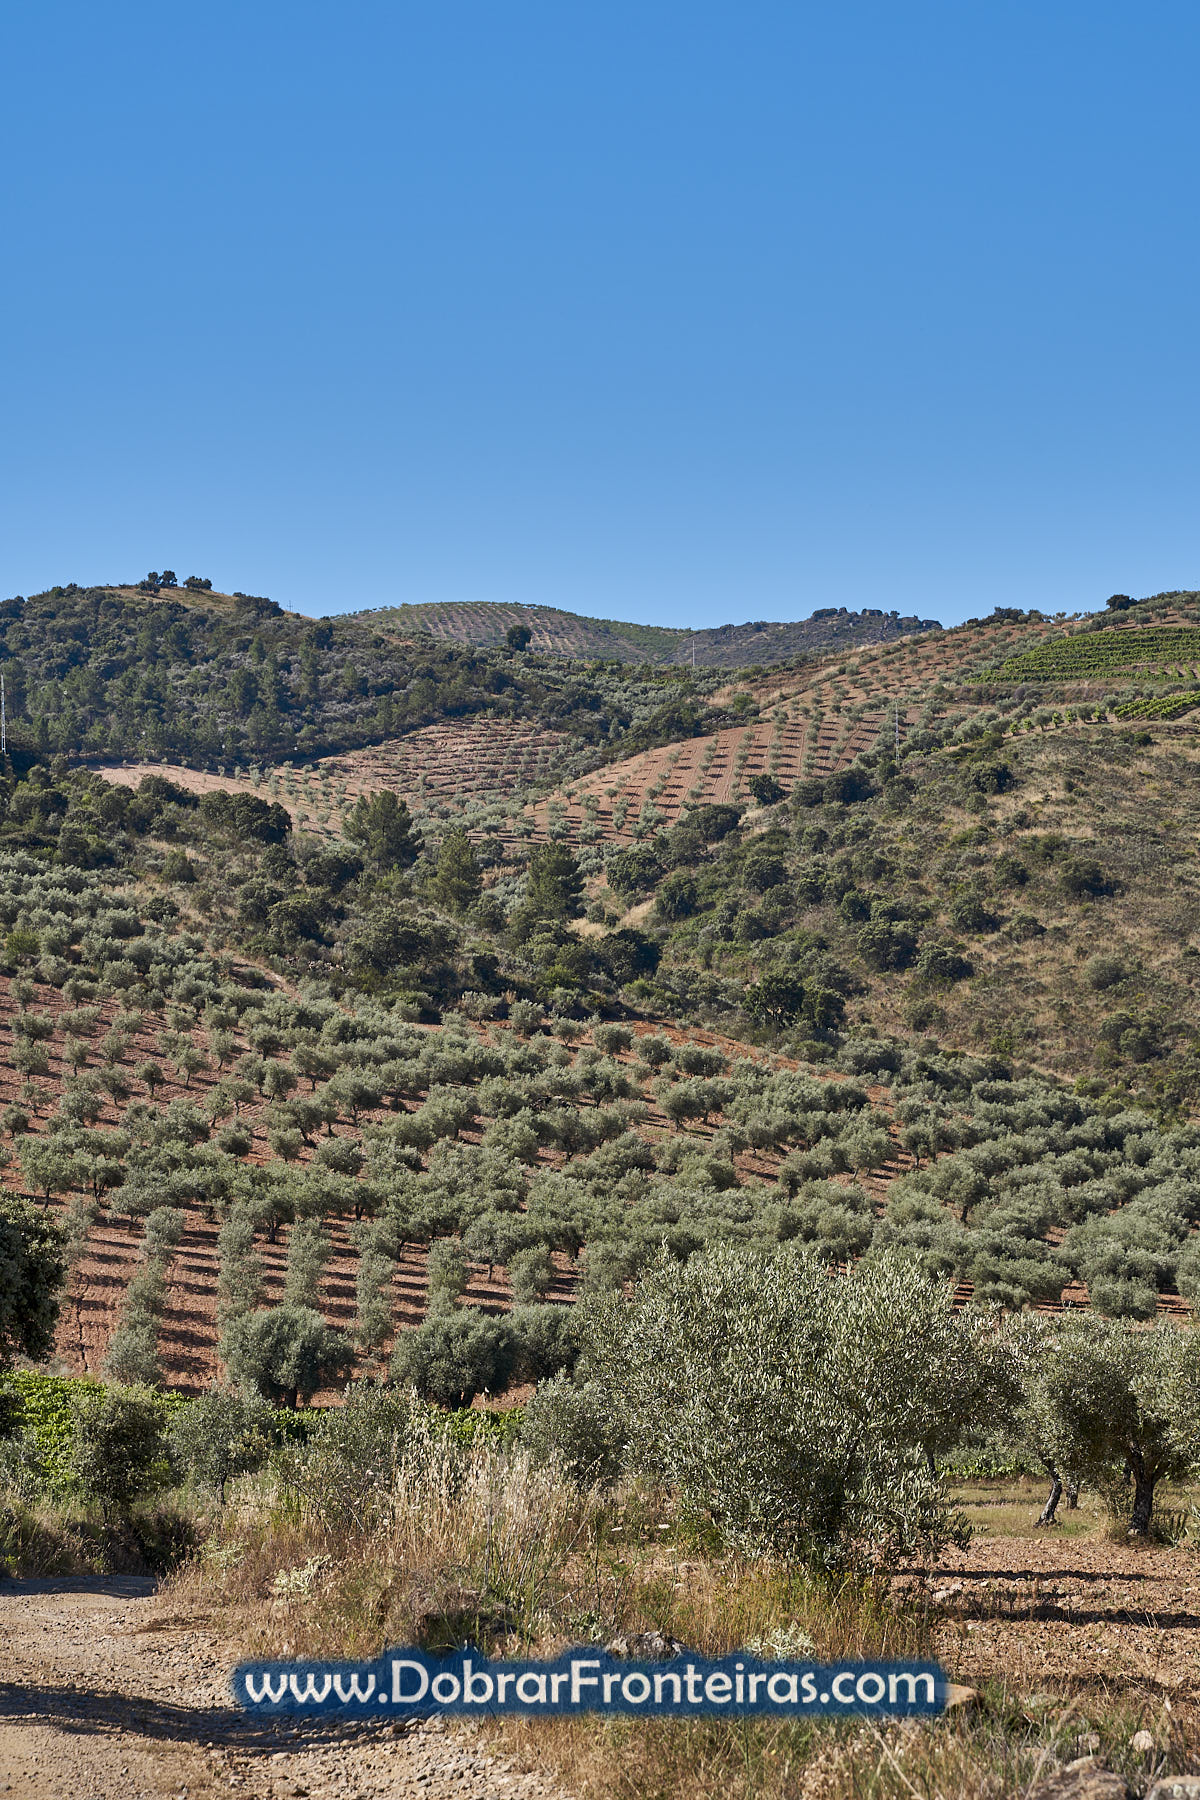 Paisagem agrícola com oliveiras e vinha